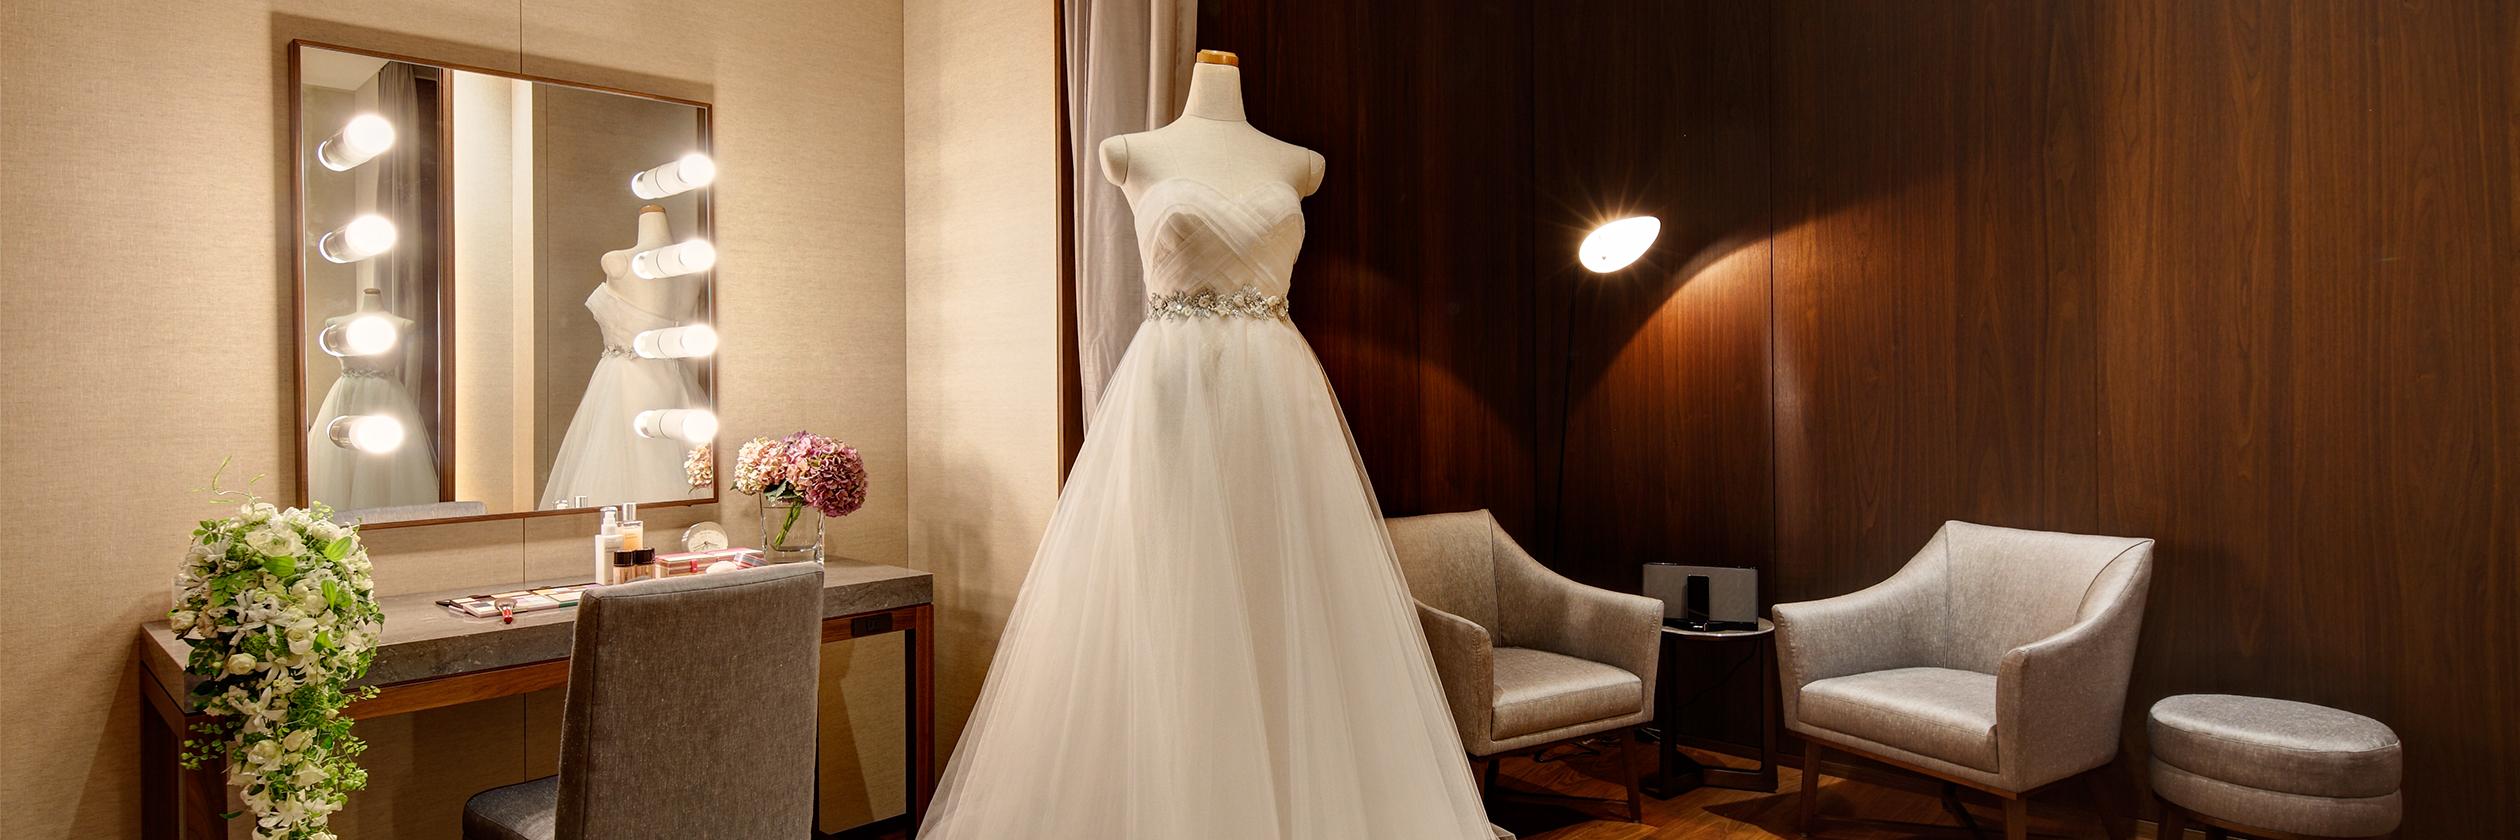 ウエディング アイテム 東京六本木のホテルウエディング 結婚式なら